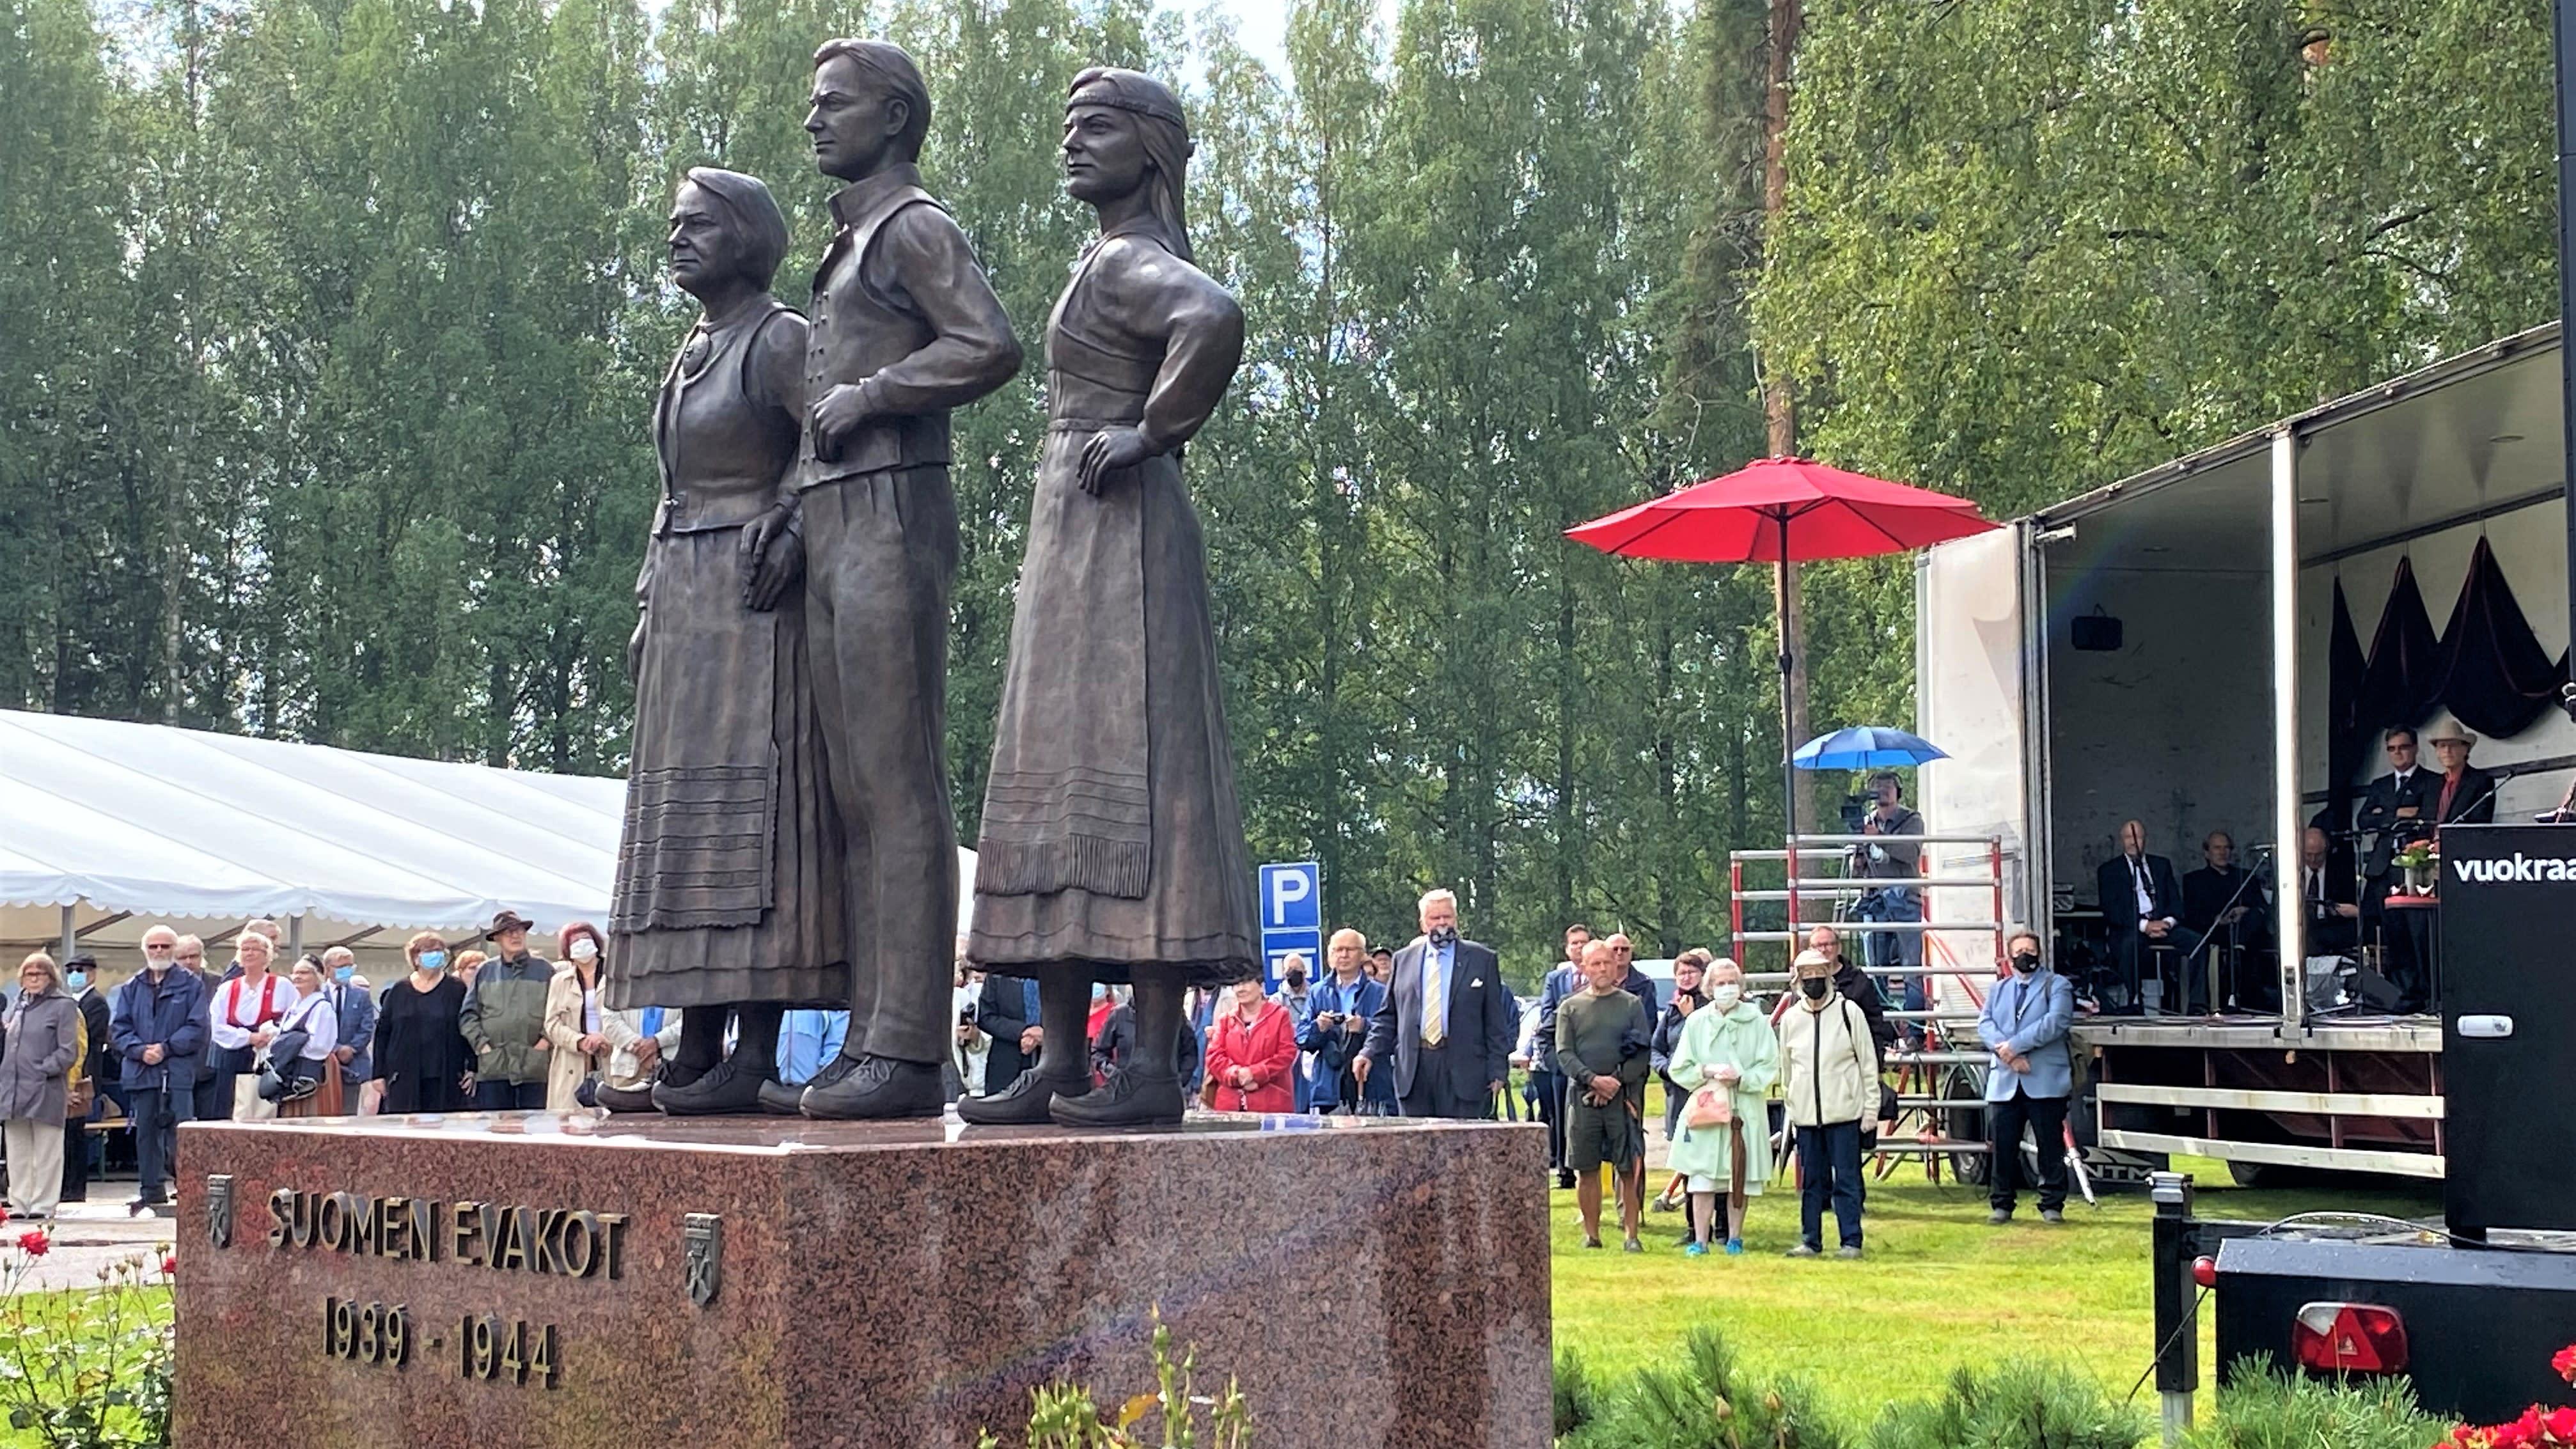 Veistos jossa kolme ihmistä seisoo. Veistos puistossa, ihmisiä ympärillä.